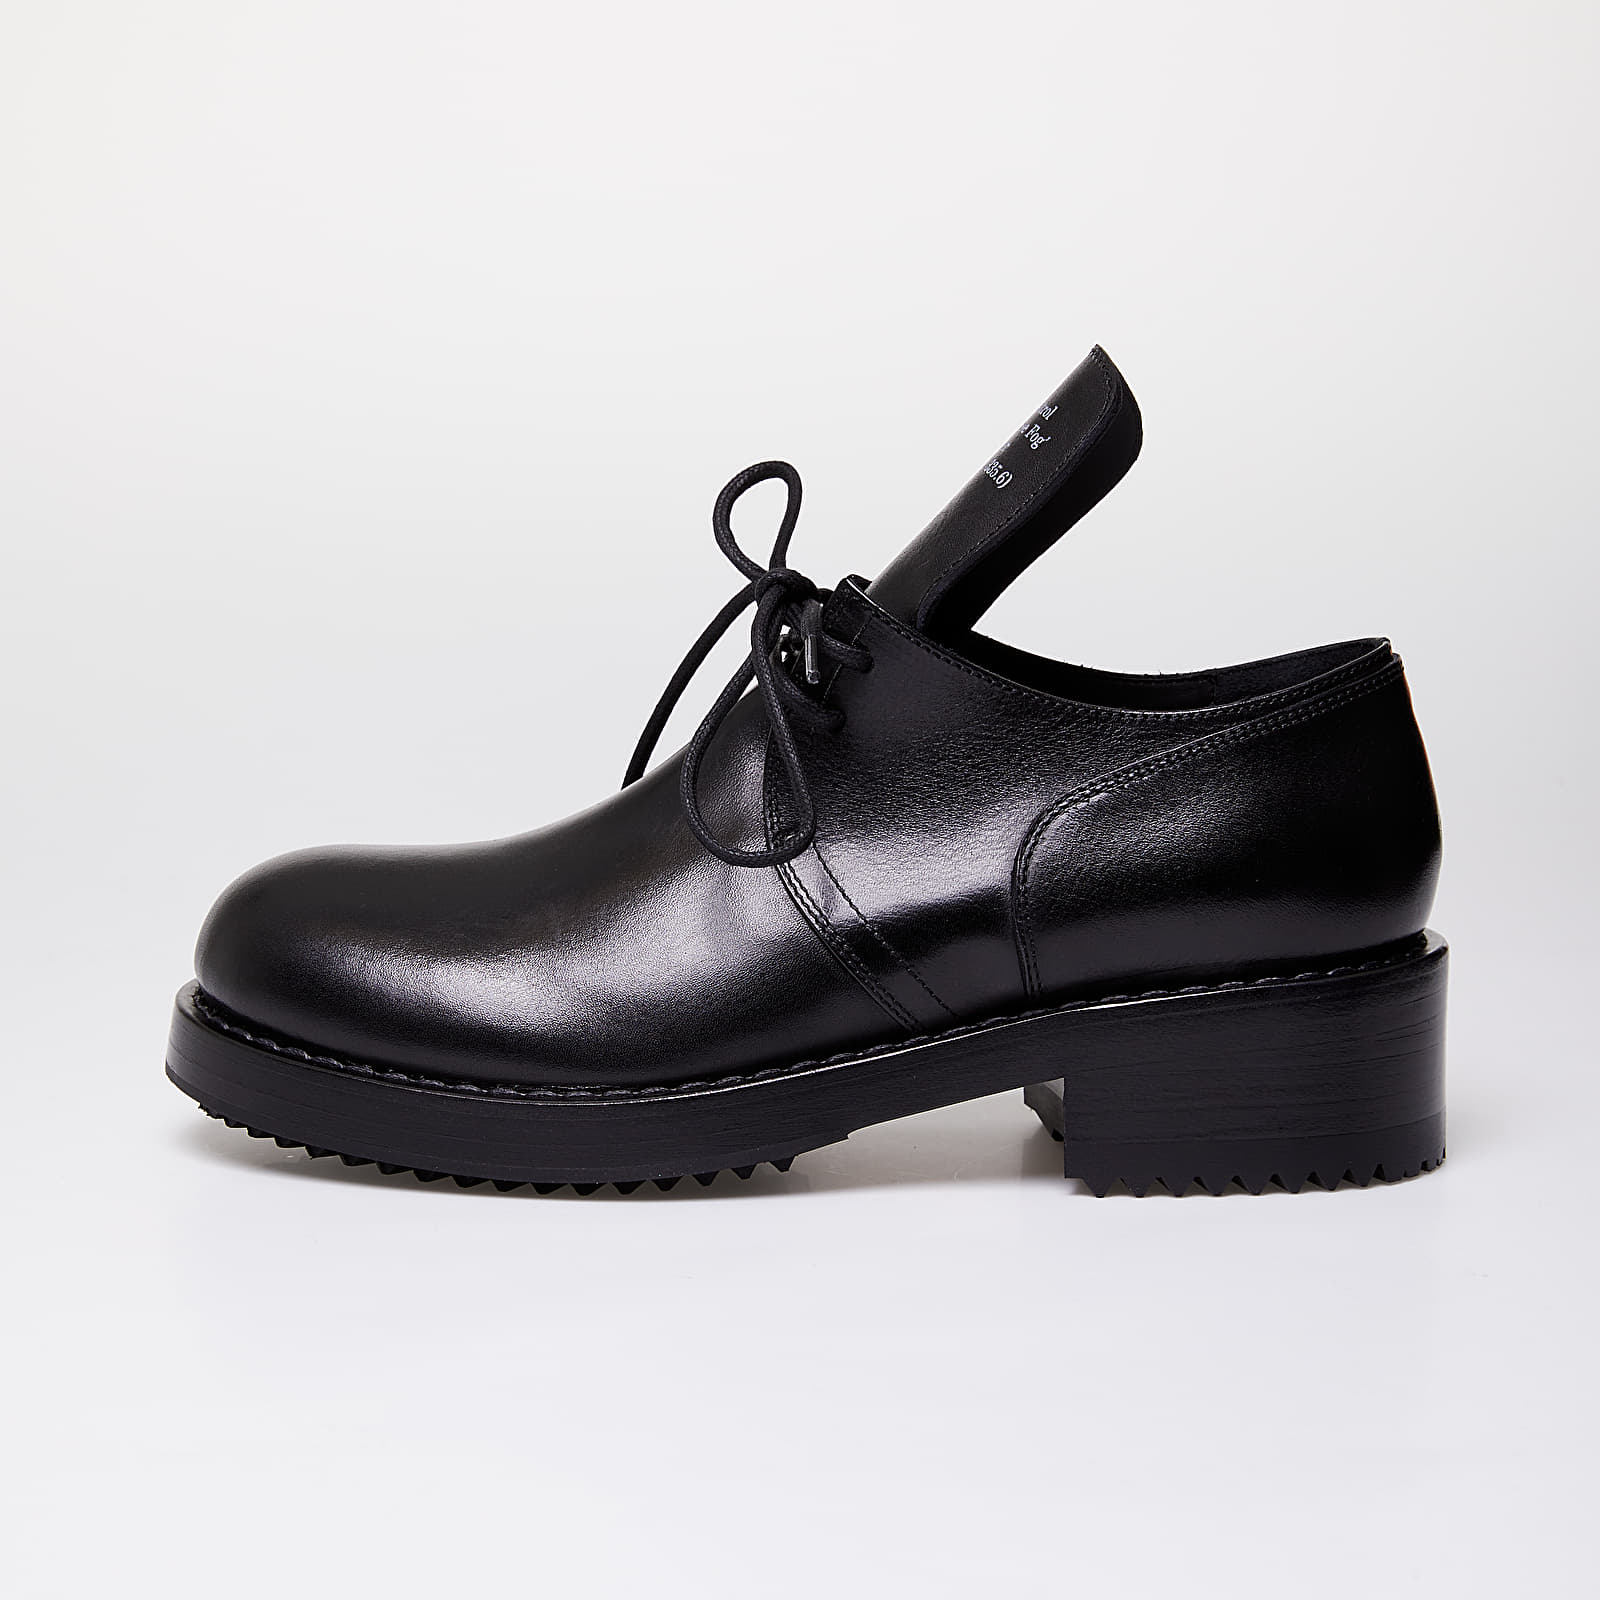 Férfi cipők Raf Simons Laced Up Shoe Men Black Cow Leather